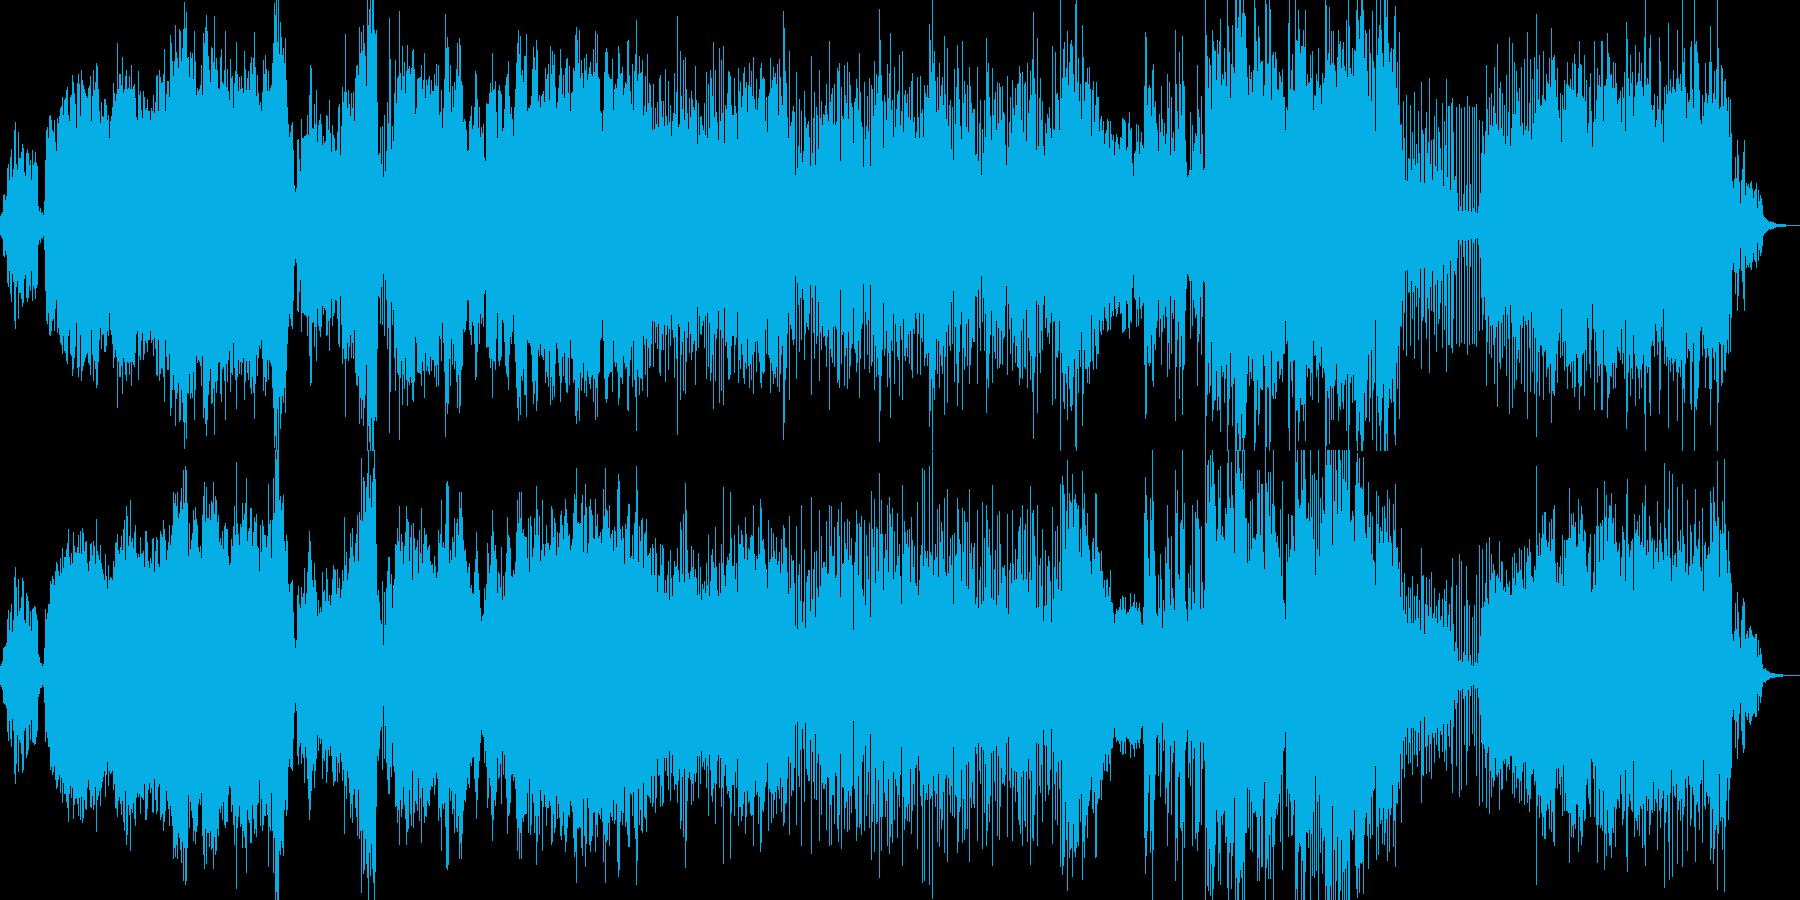 エスニック風の曲の再生済みの波形